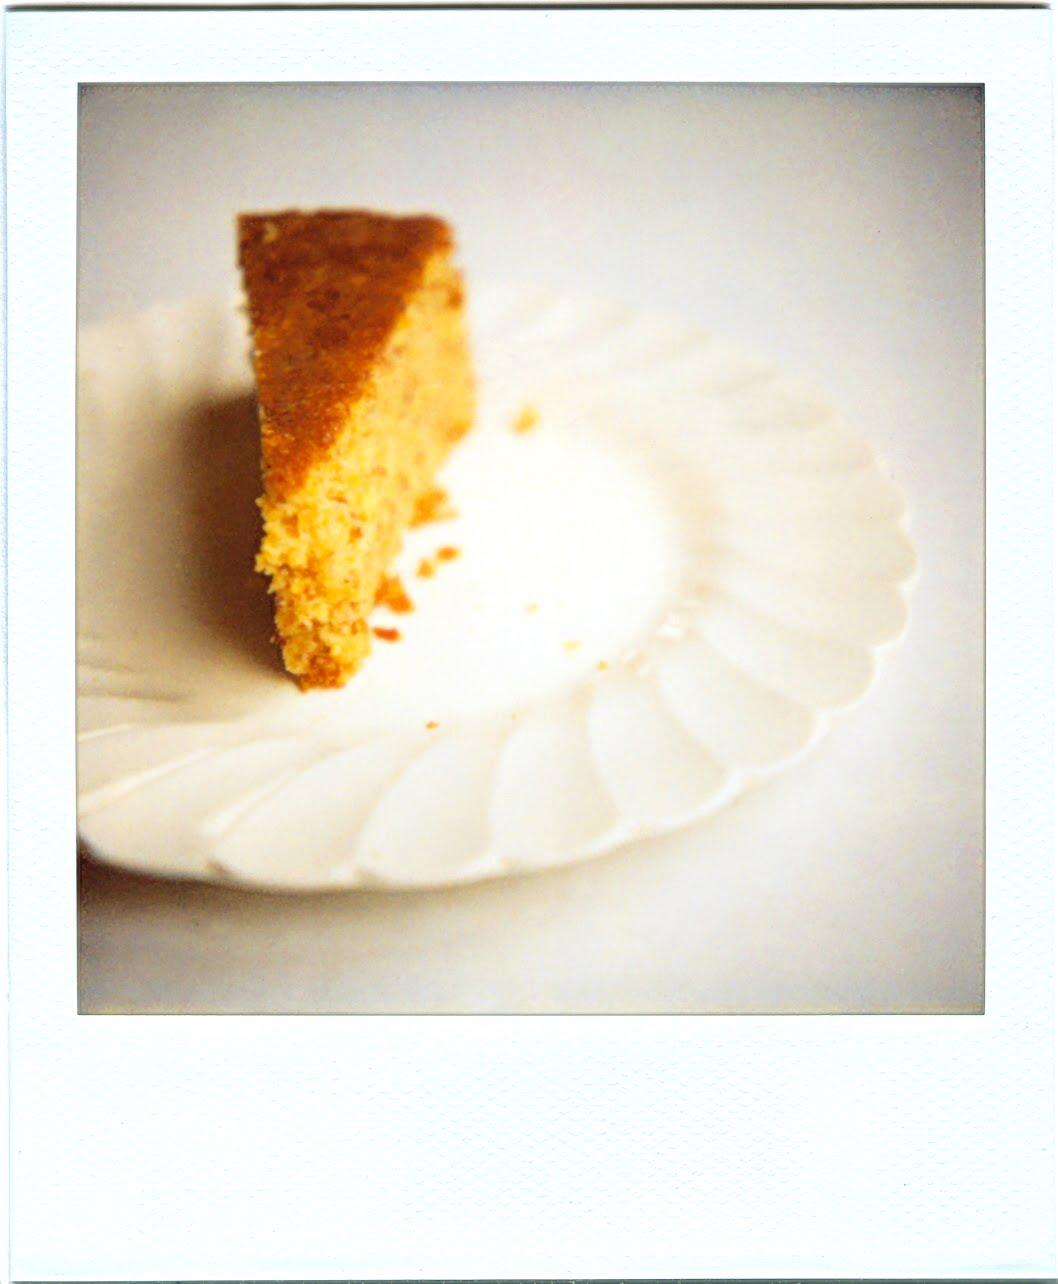 We Ate This Cake Orangette